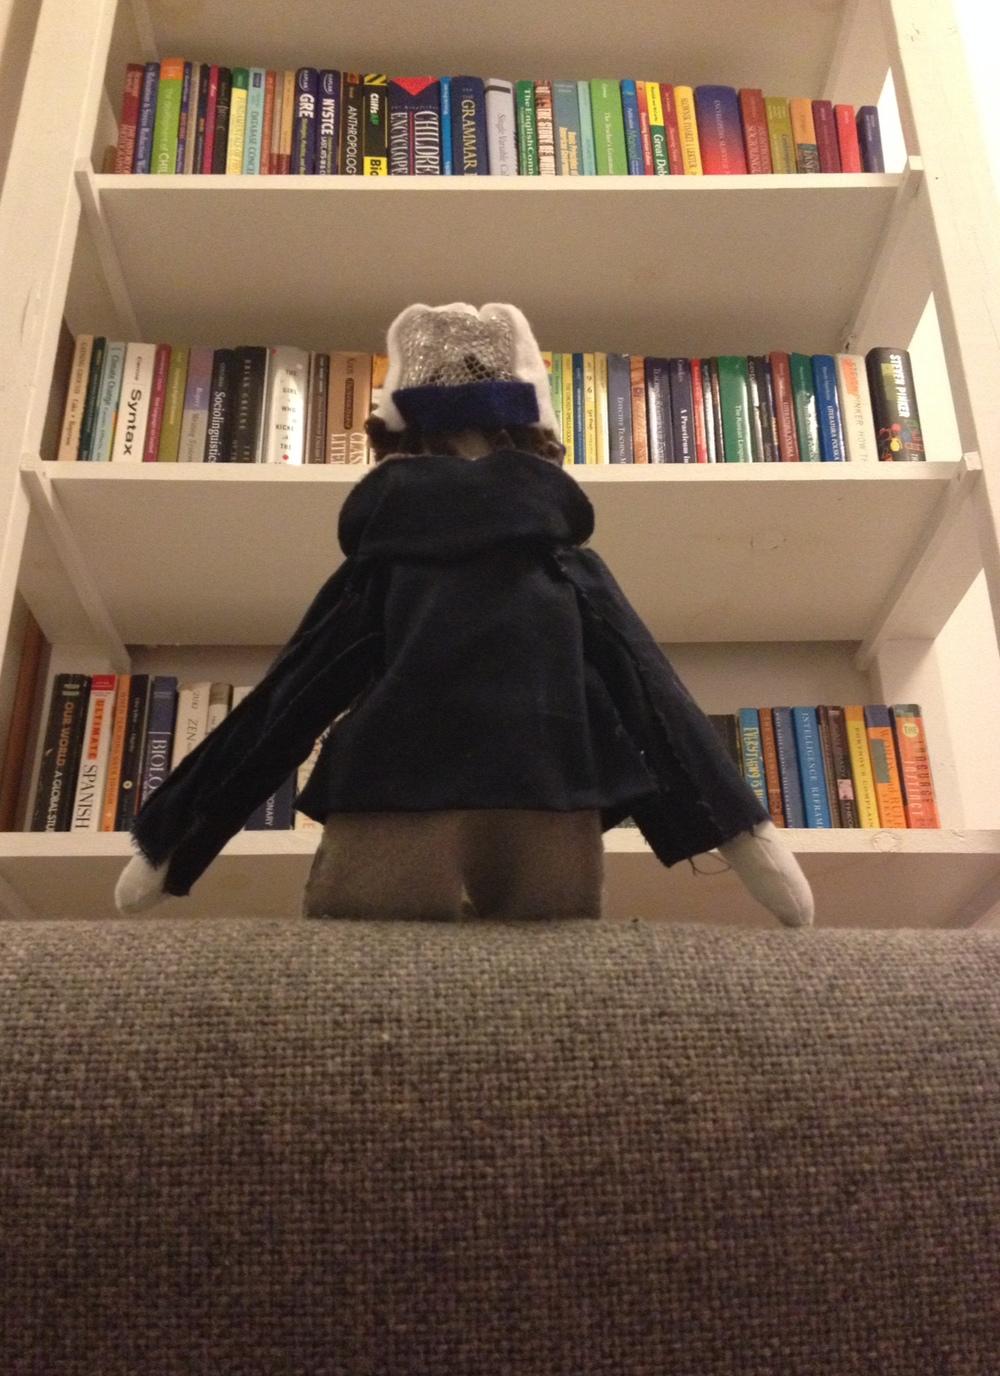 Books on books on books